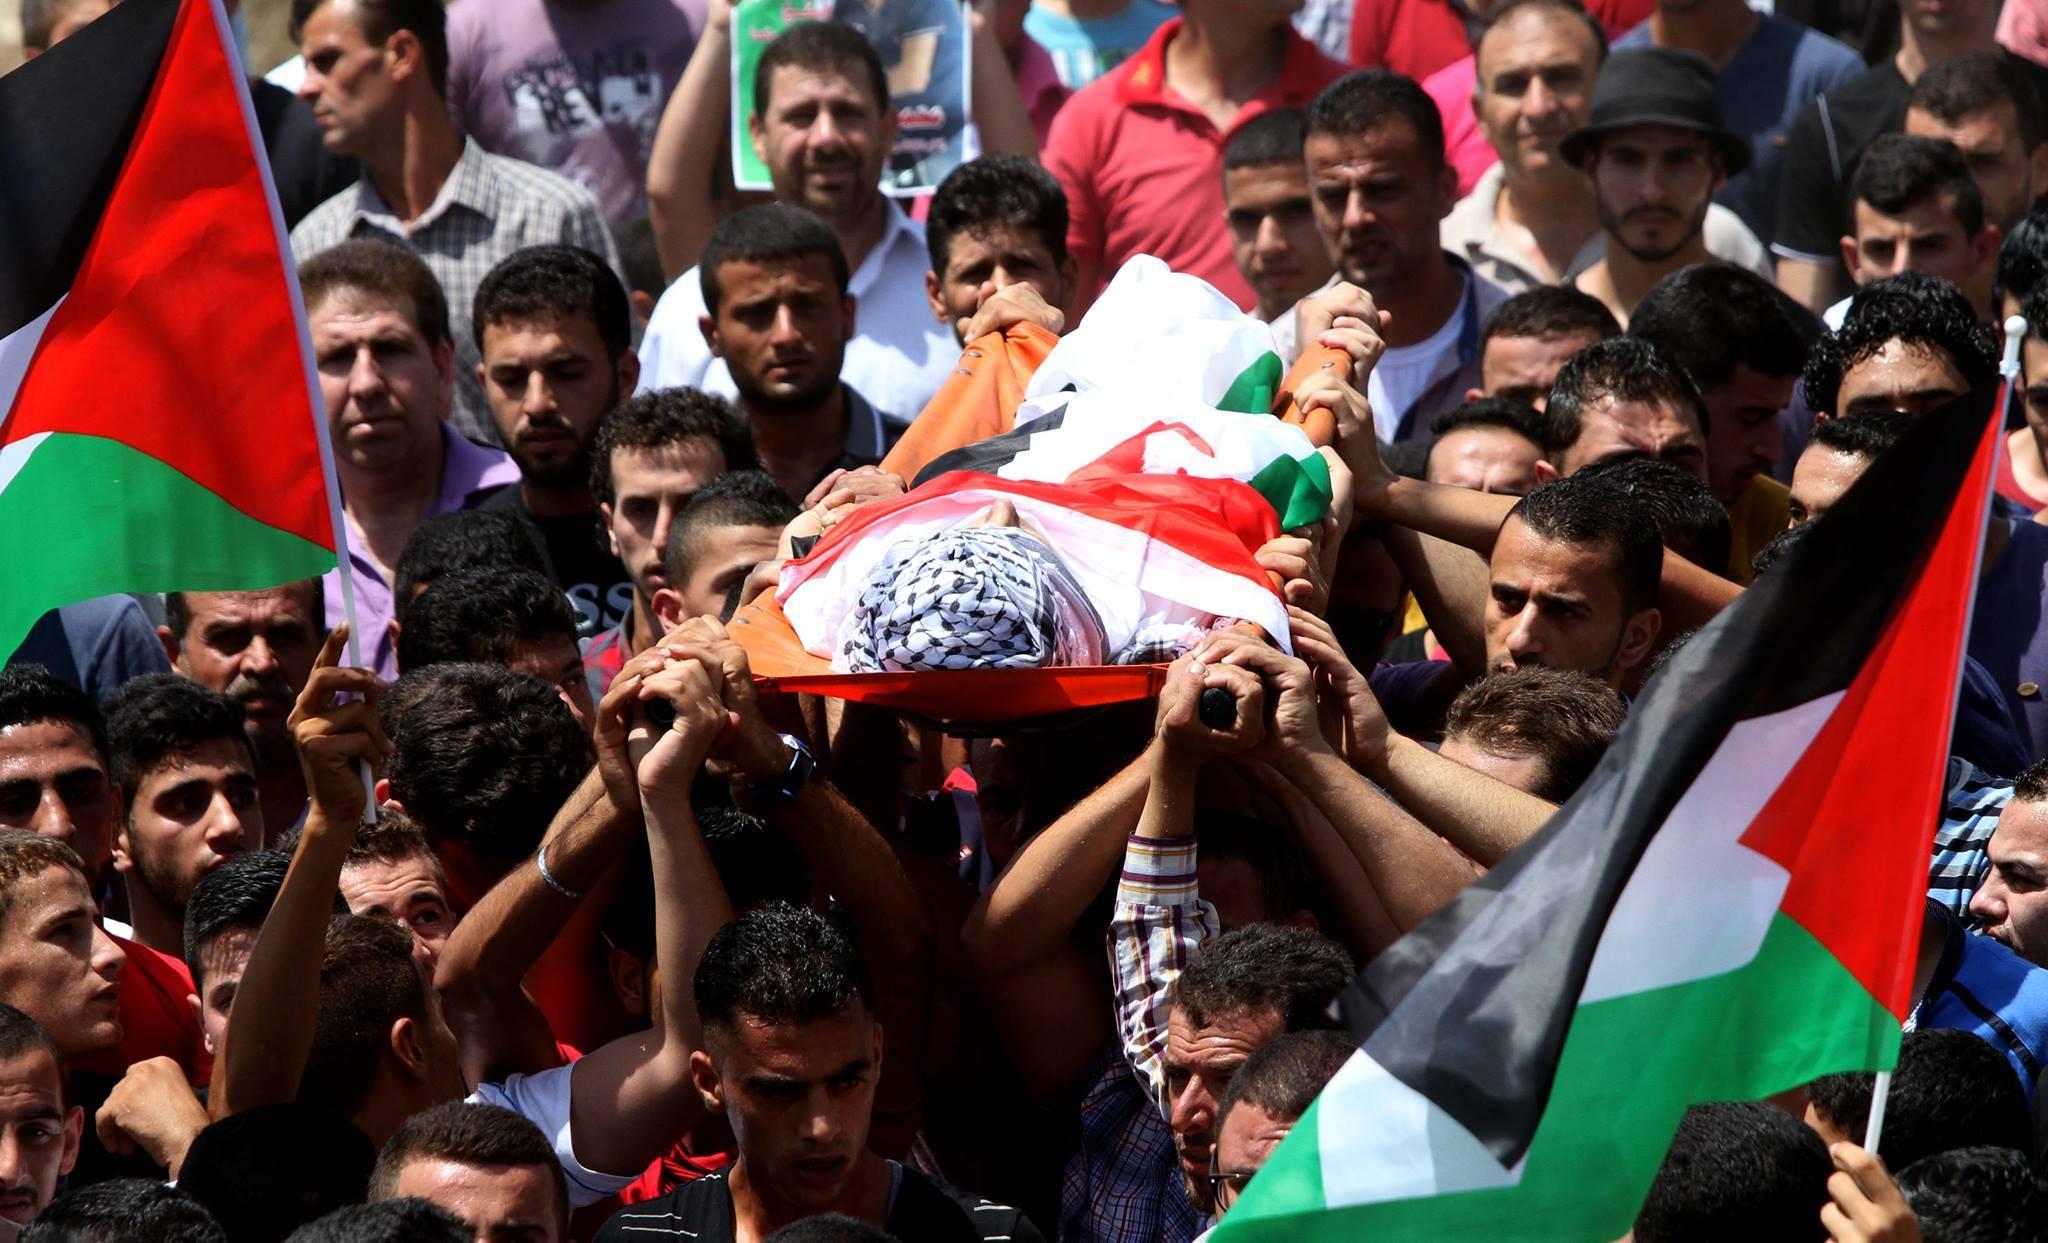 بالصور صور عن الشهداء , صور شهداء فلسطين الحبيبة 4356 4